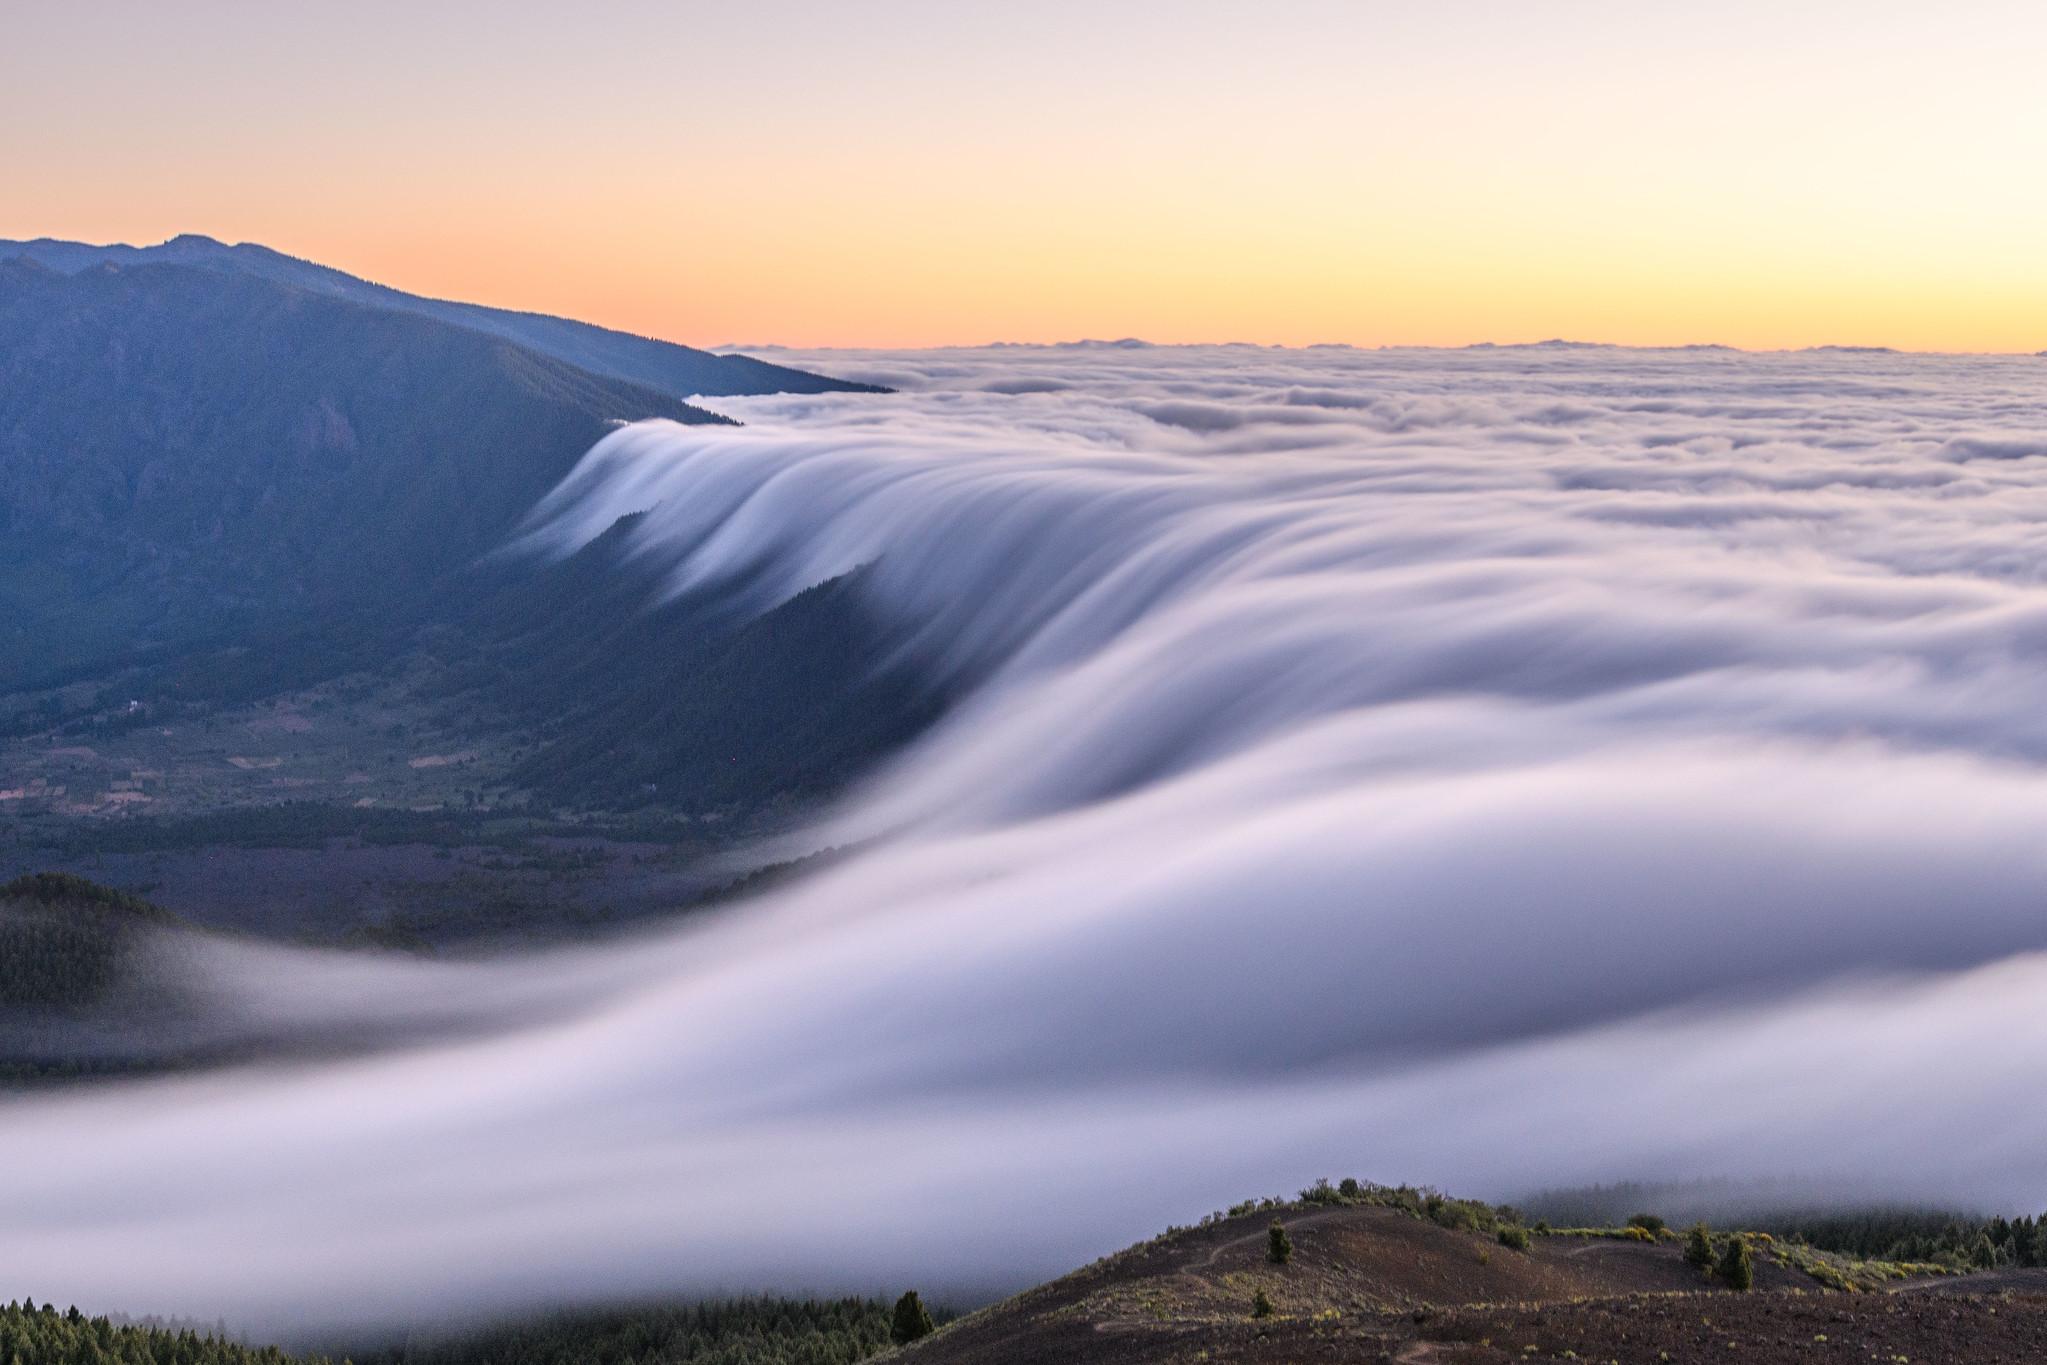 Cloud Waterfall in La Palma, Spain